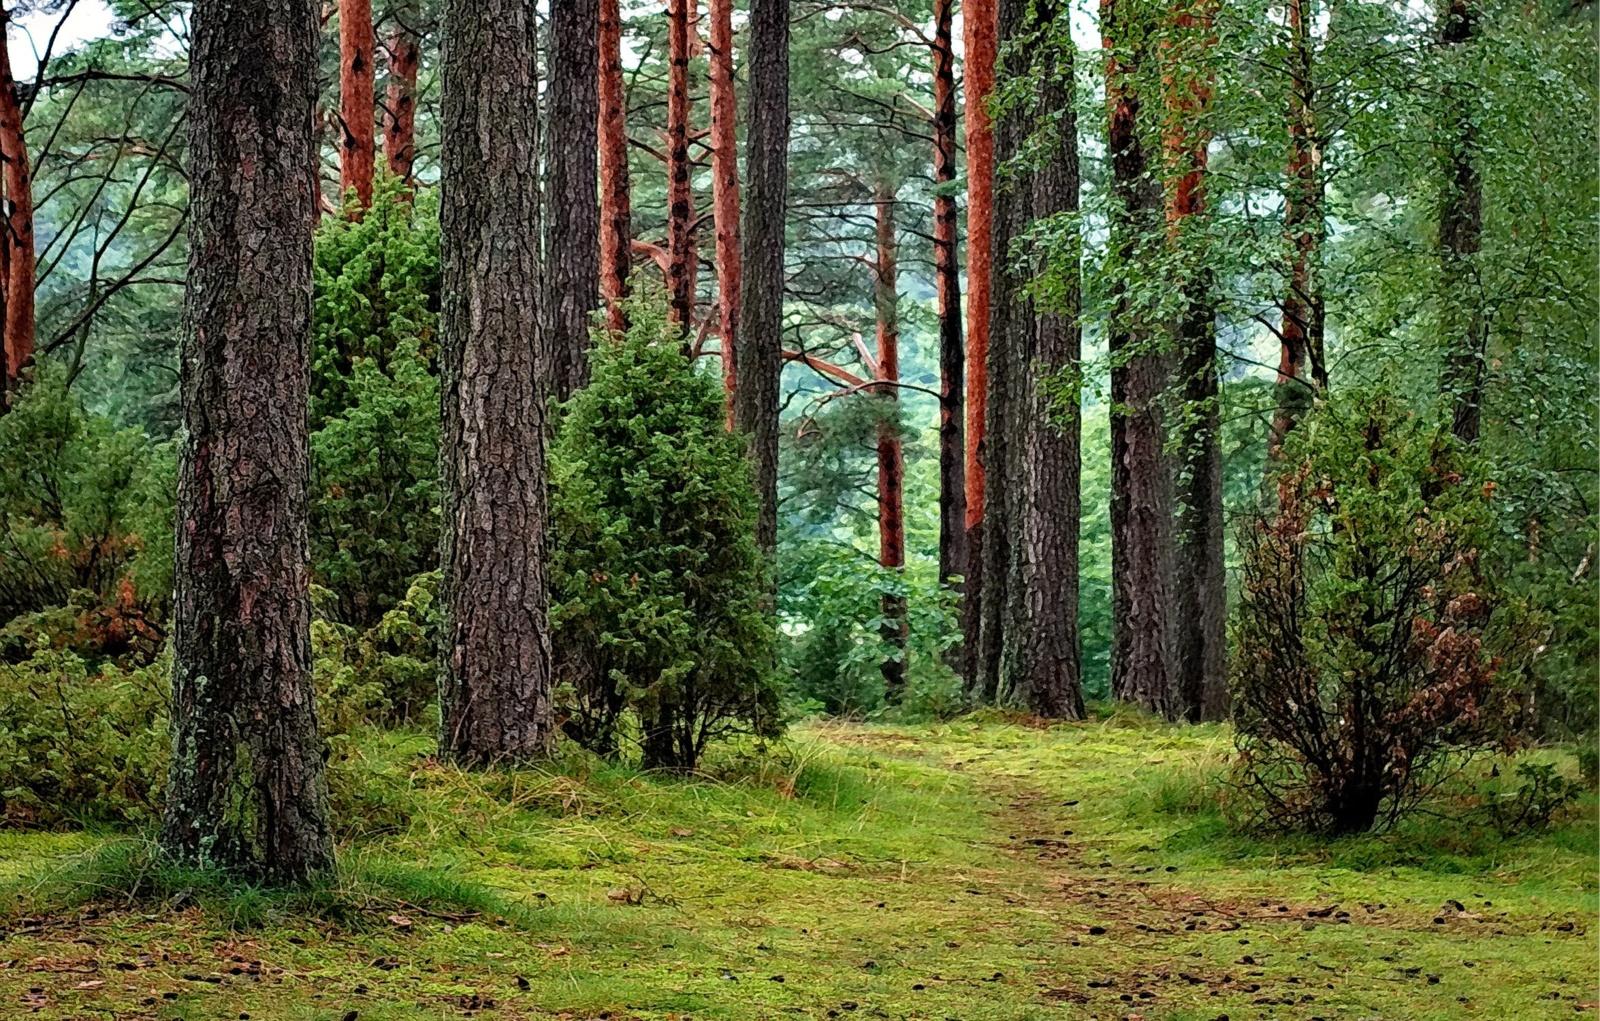 Spalio-gruodžio mėnesiais Palangos girininkijoje bus tvarkomi rekreacinės paskirties miškai